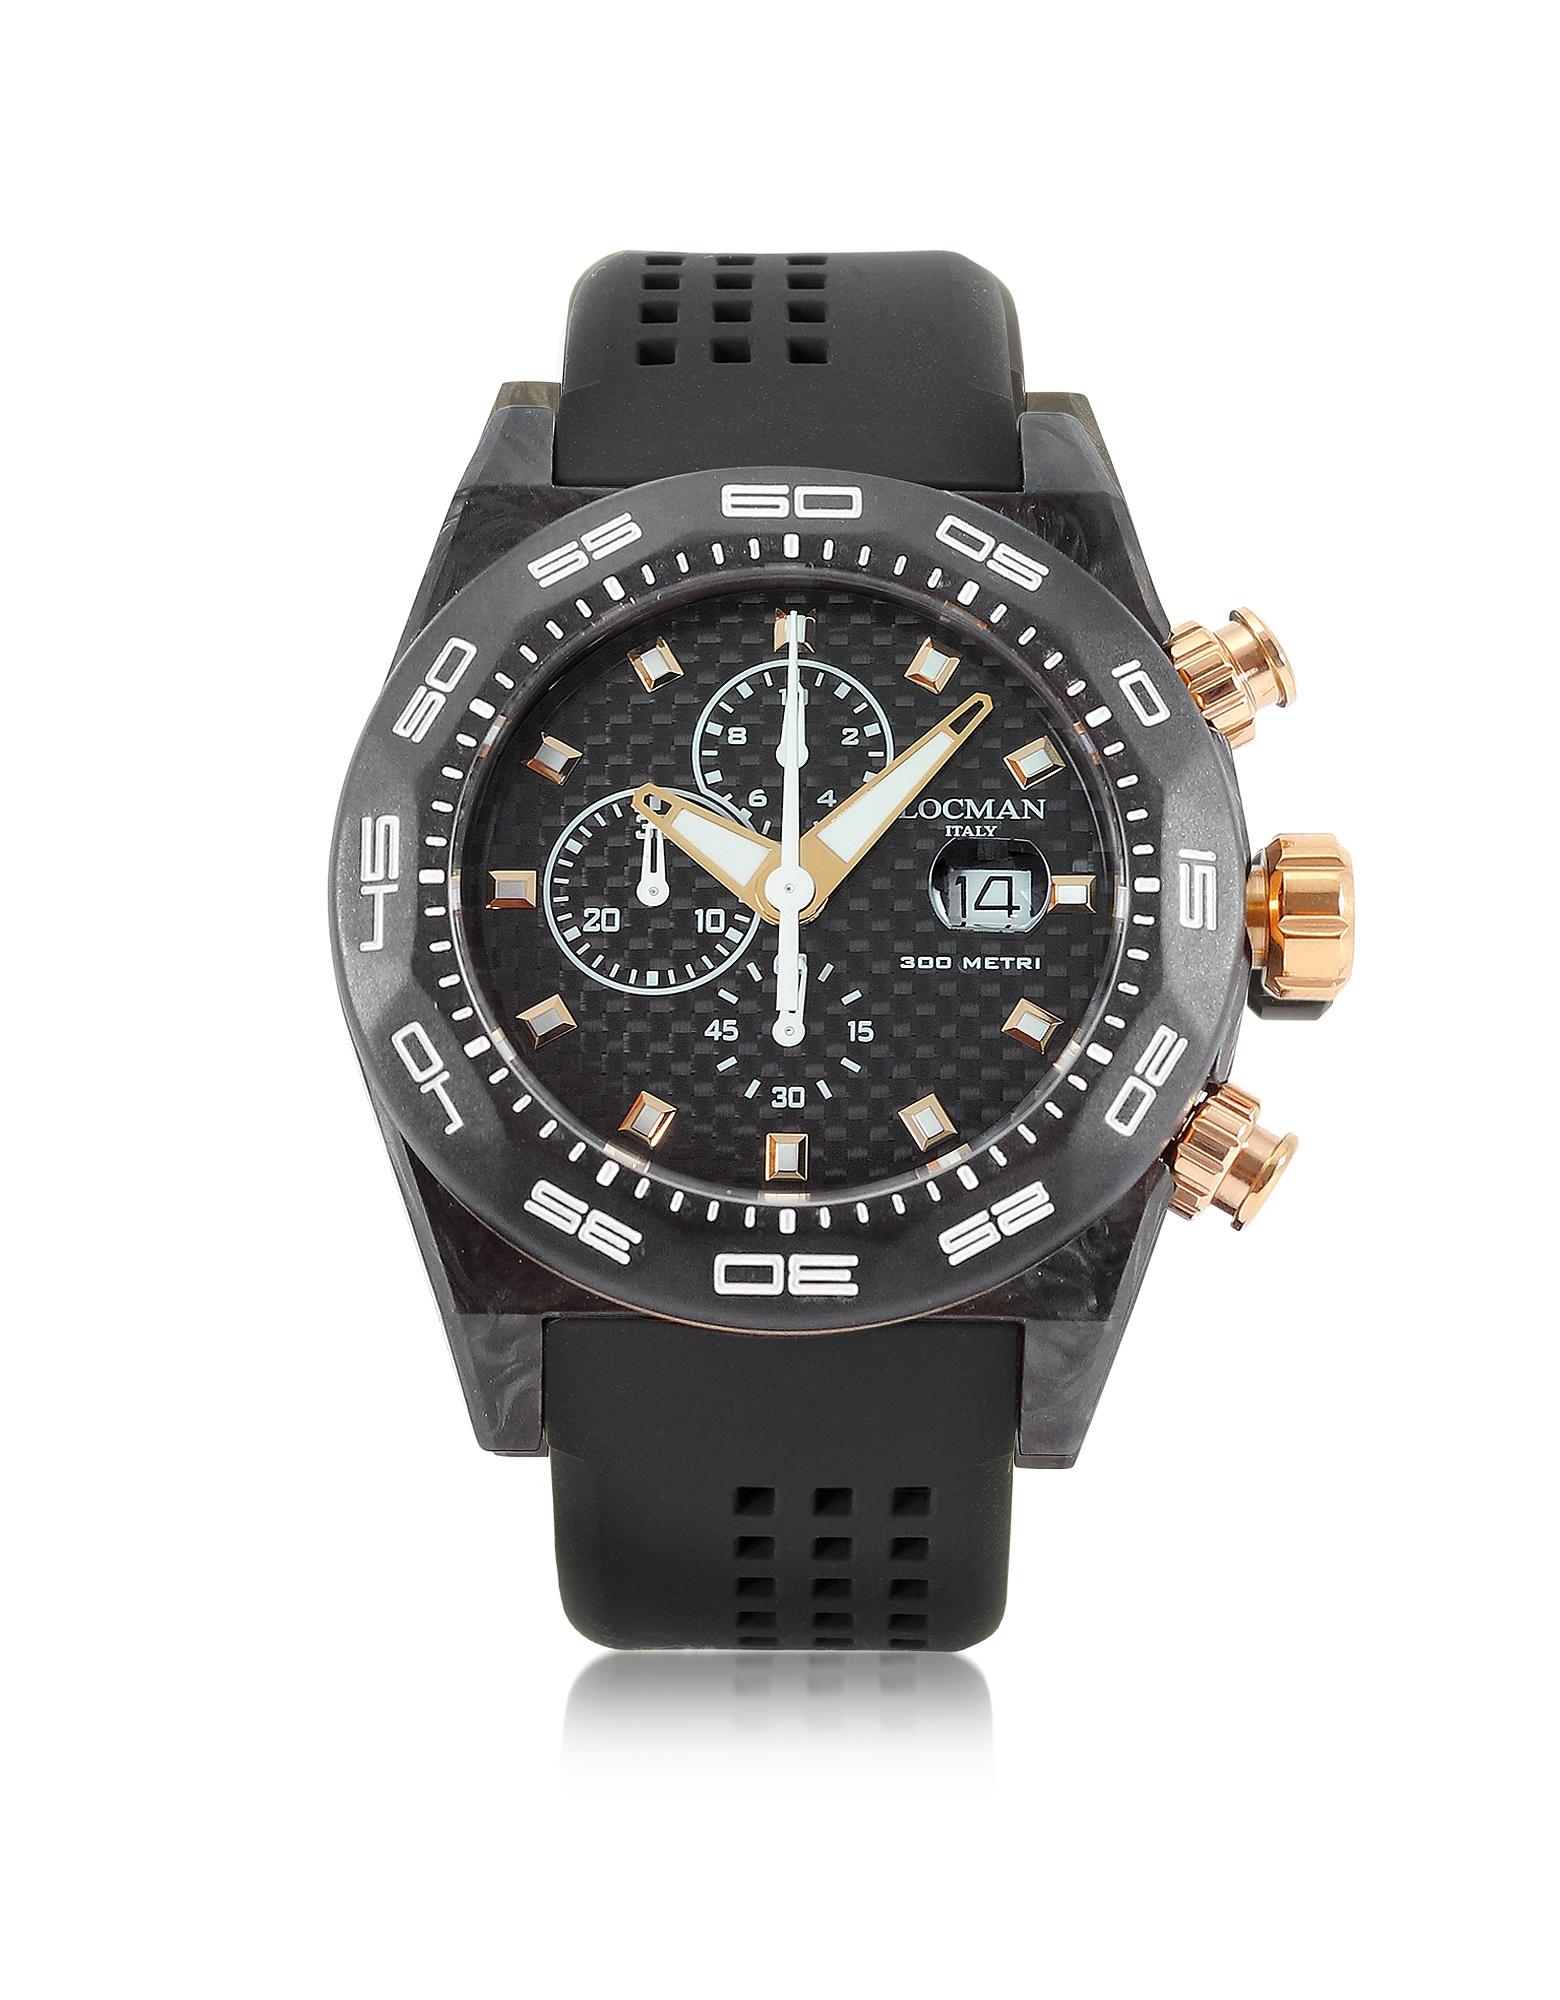 Stealth 300mt - Черные Мужские Часы Хронограф из Углеродного Волокна и Титана с Кварцевым Механизмом